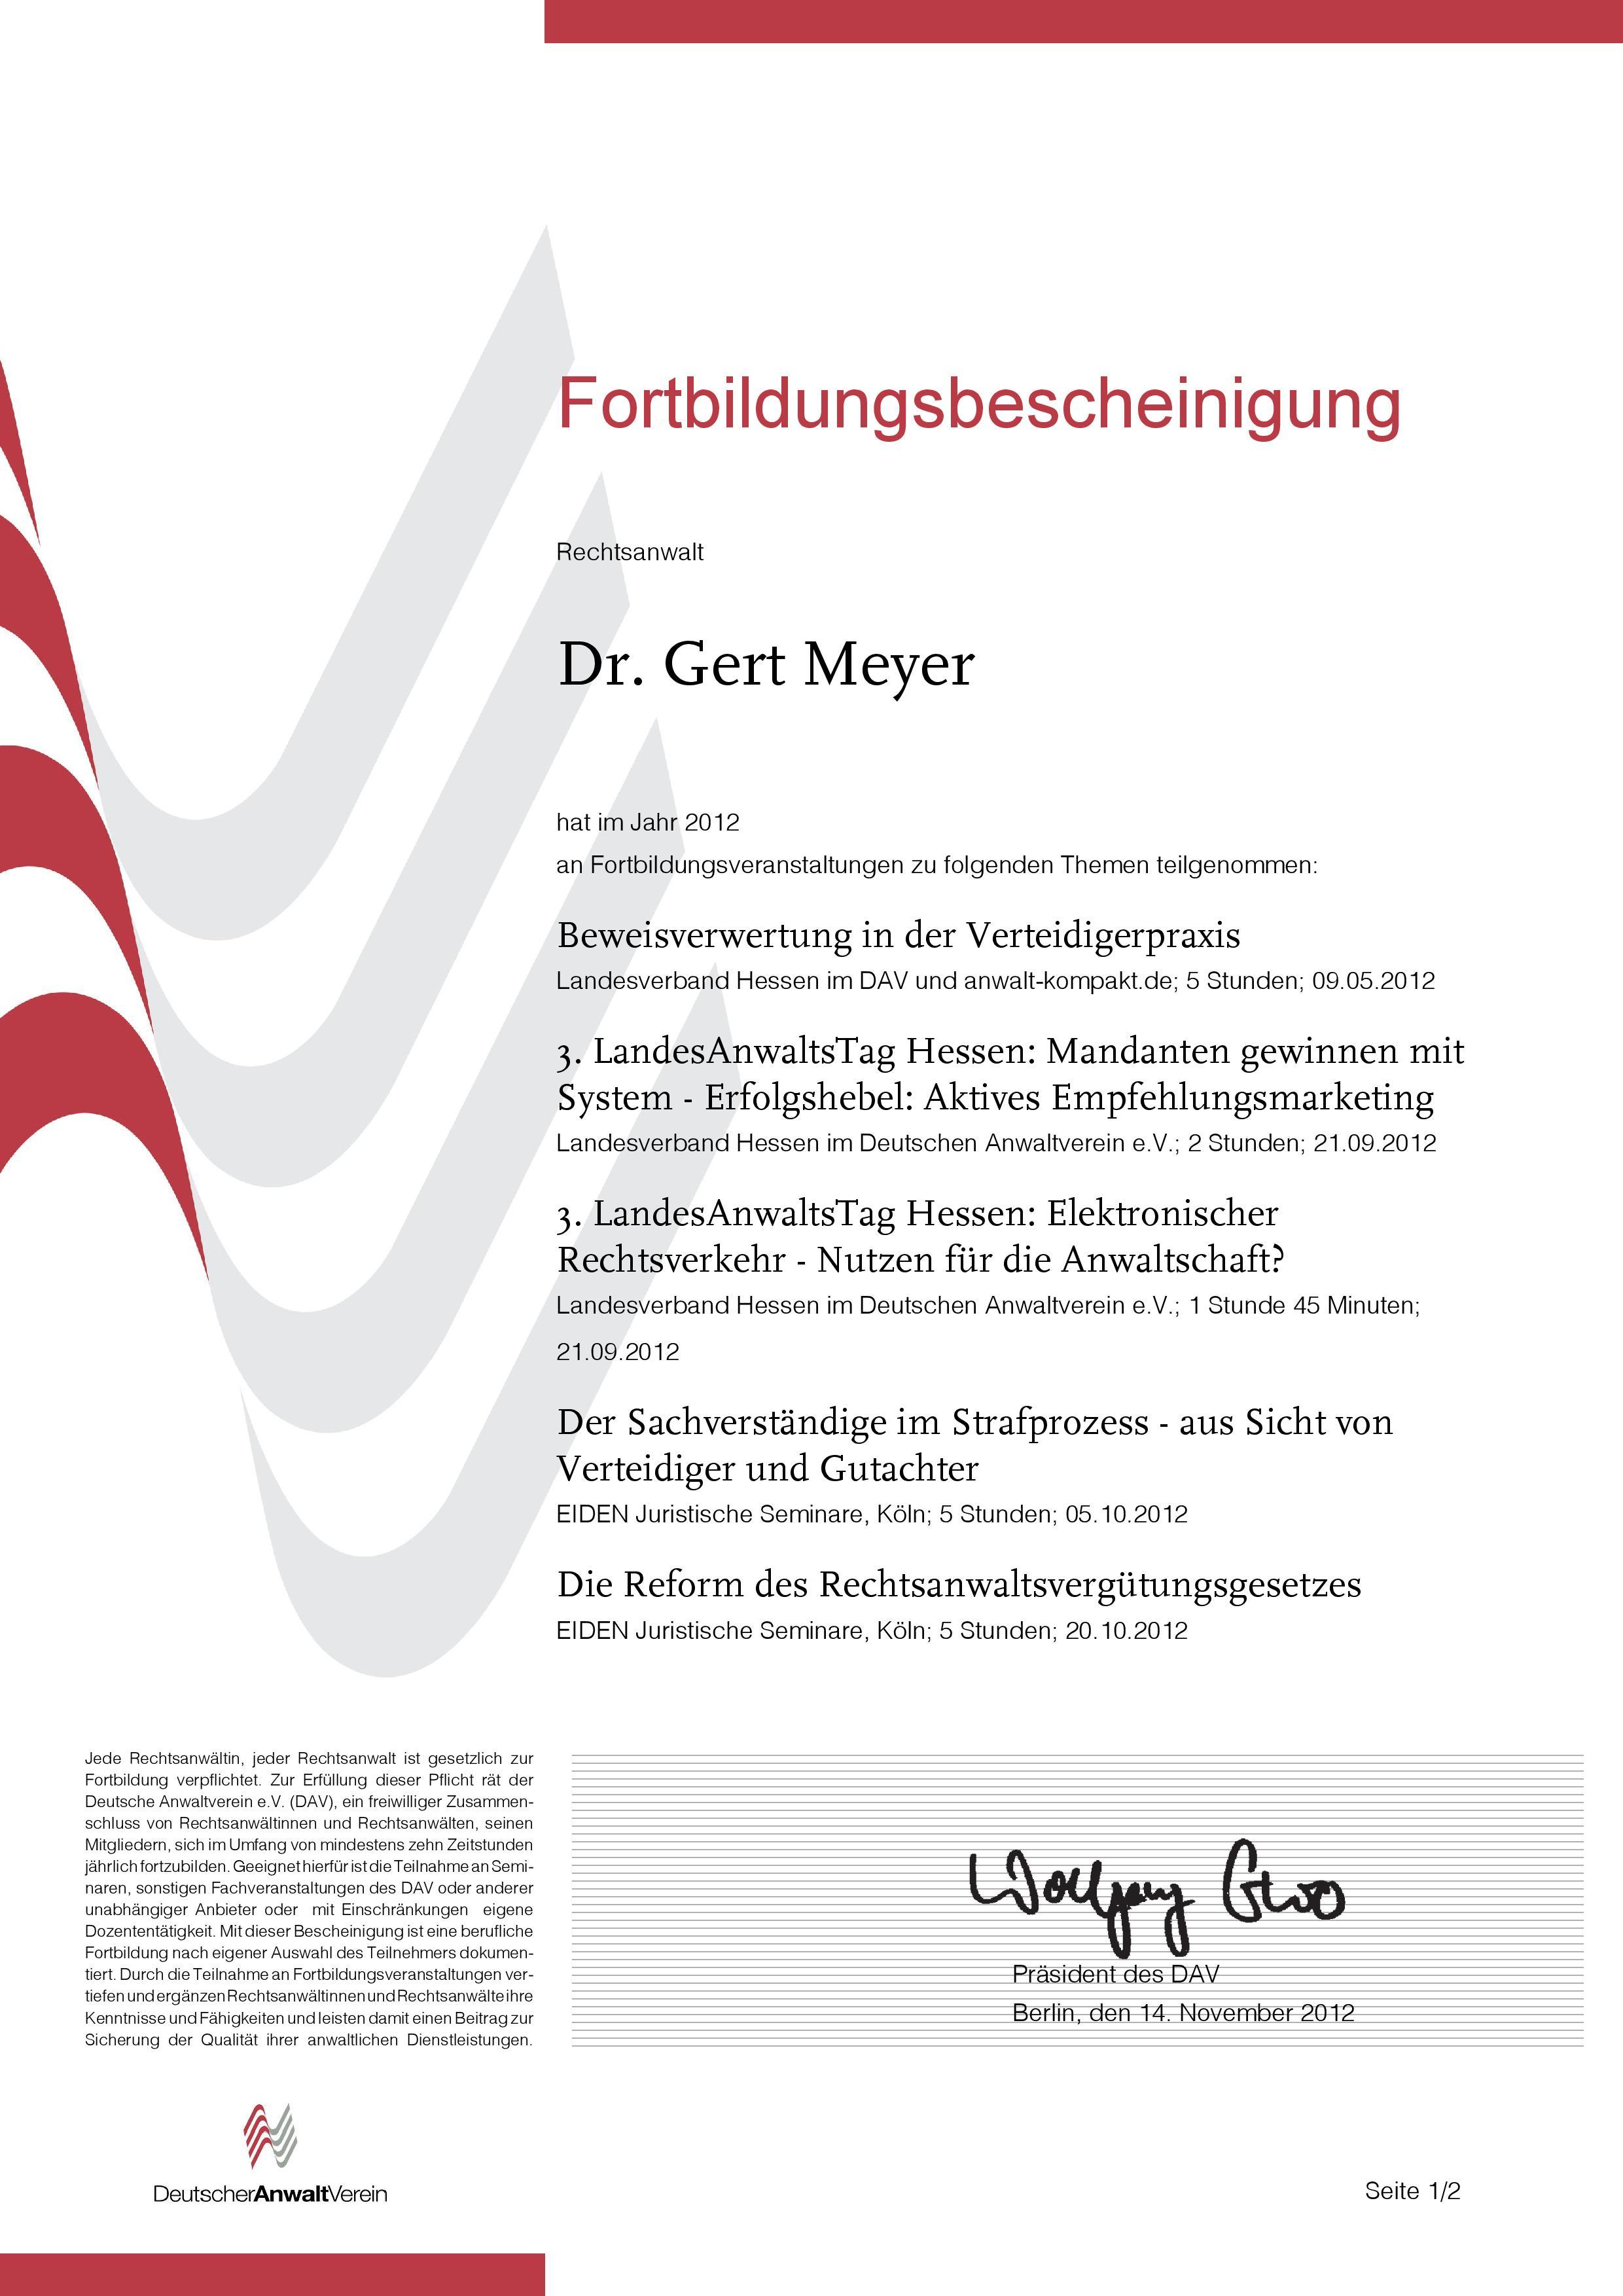 Fortbildungsbescheinigung12-page-001